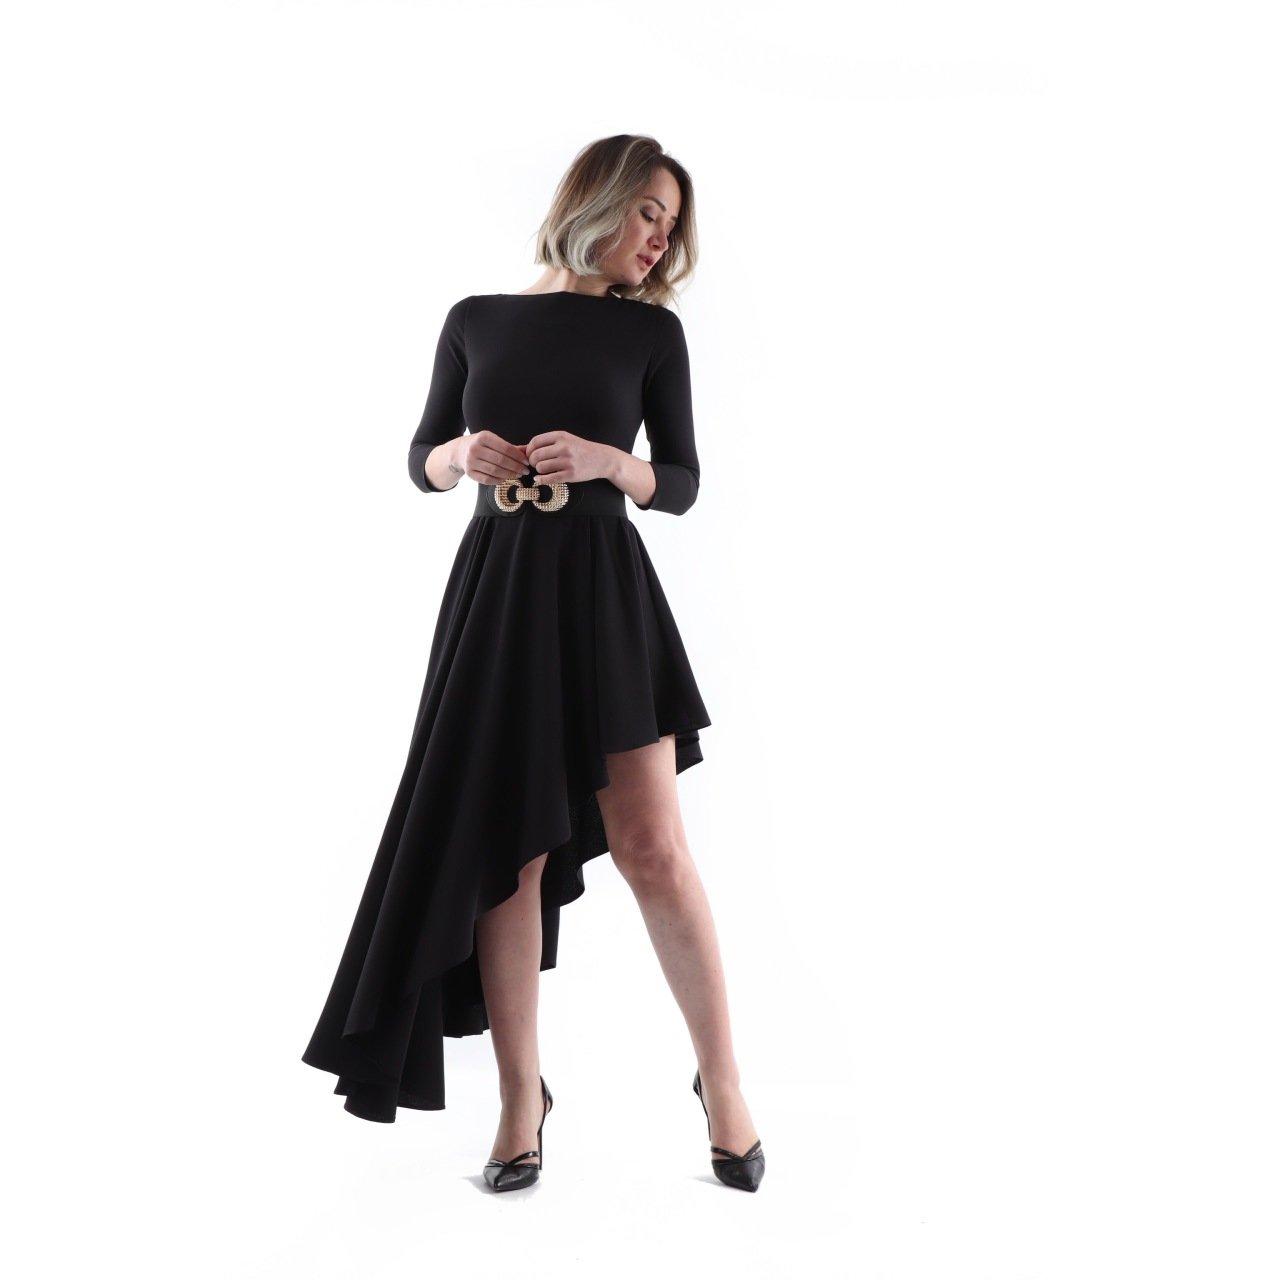 d5bfc0c9a8753 Siyah Kayık Yaka Uzun Kol Asimetrik Elbise